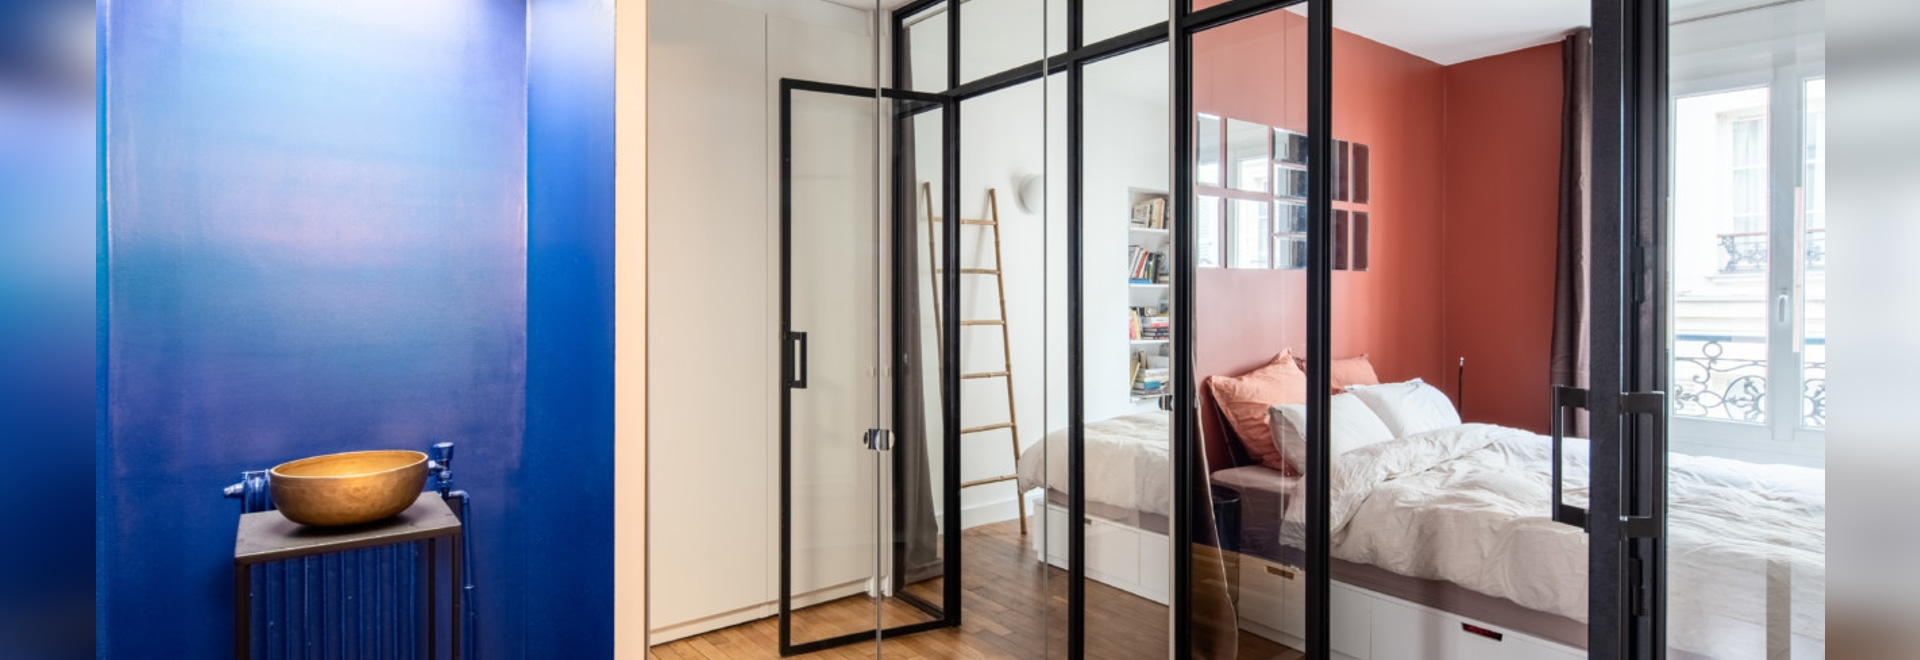 Componer un estilo moderno dentro de los confines de un antiguo piso de Pigalle